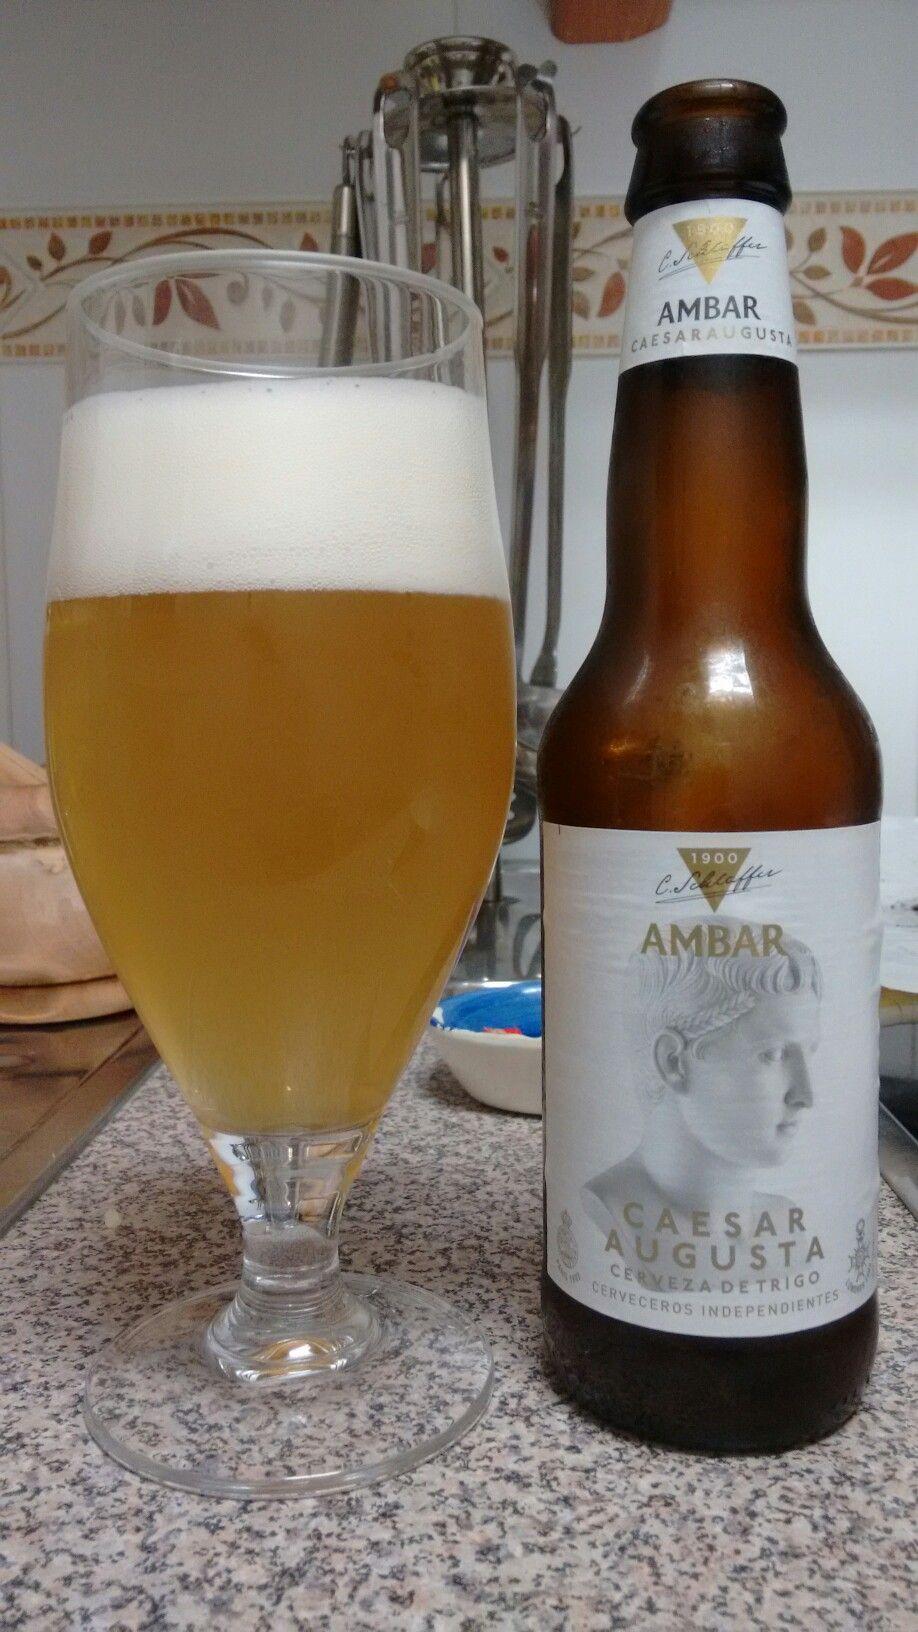 Ambar Caesaraugusta Cerveza De Trigo Https Ambar Com Cervezas